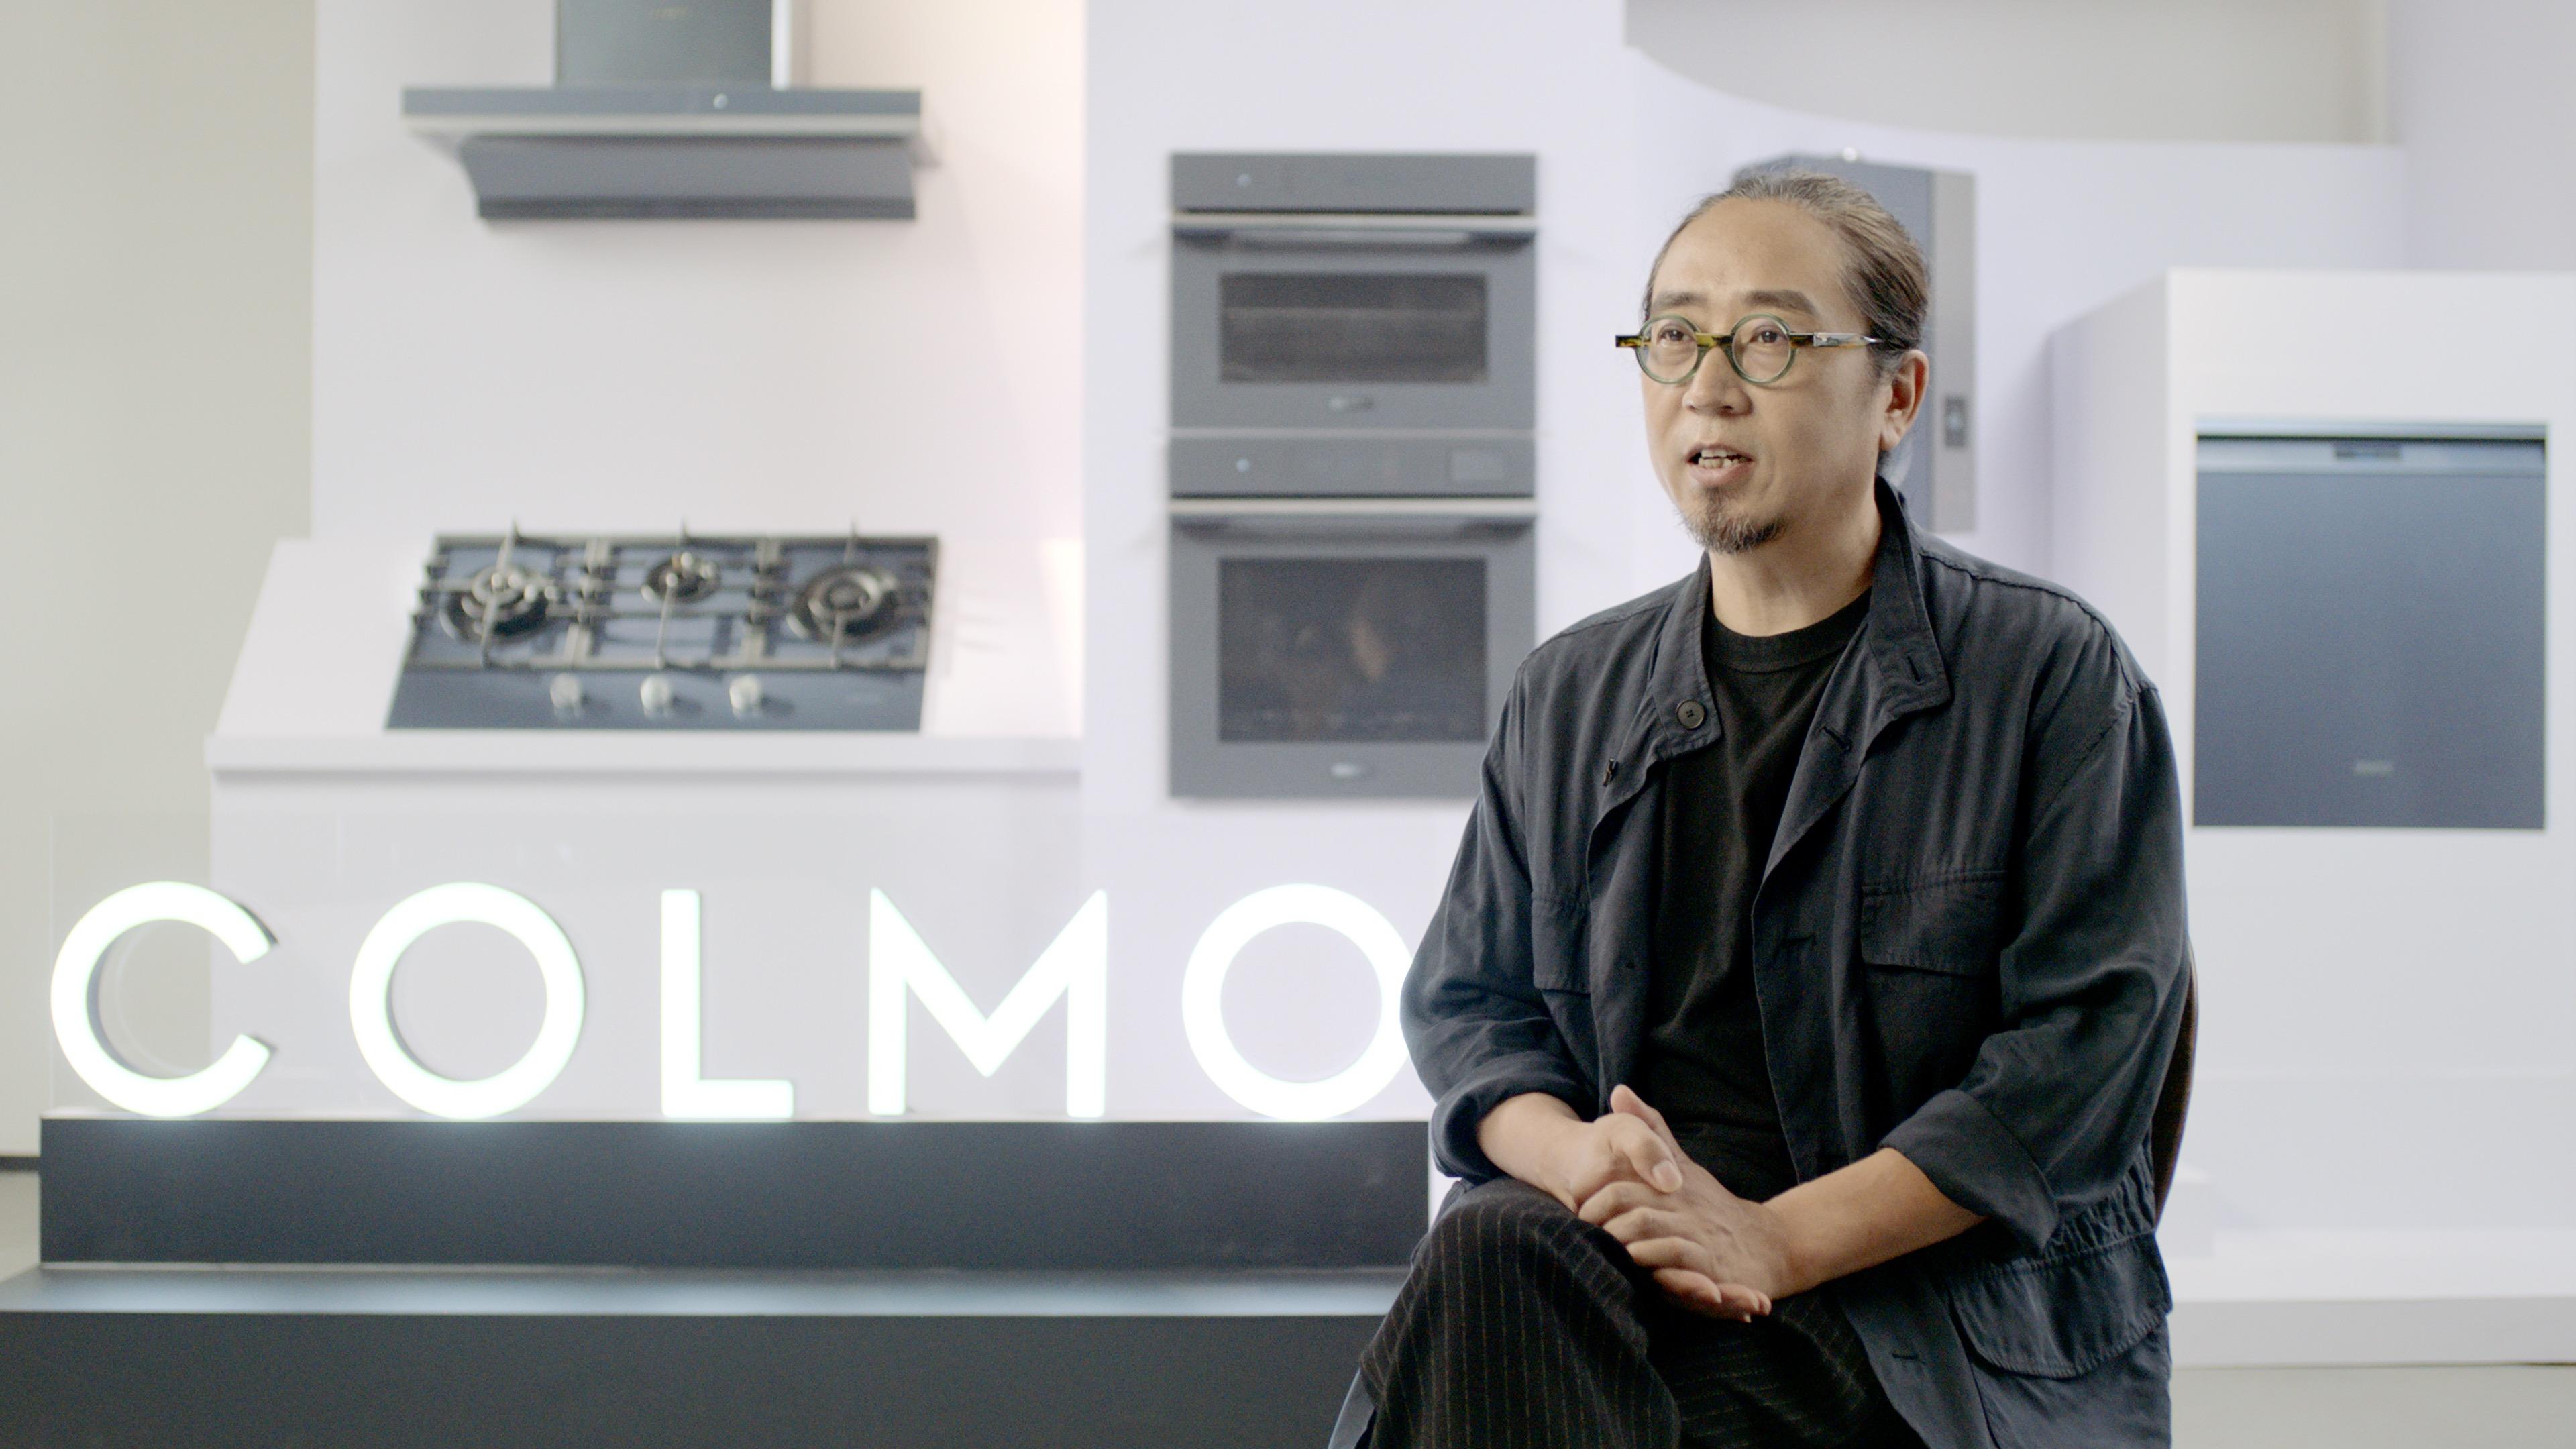 COLMO对话关天颀:理享生活是不露痕迹的和谐共存